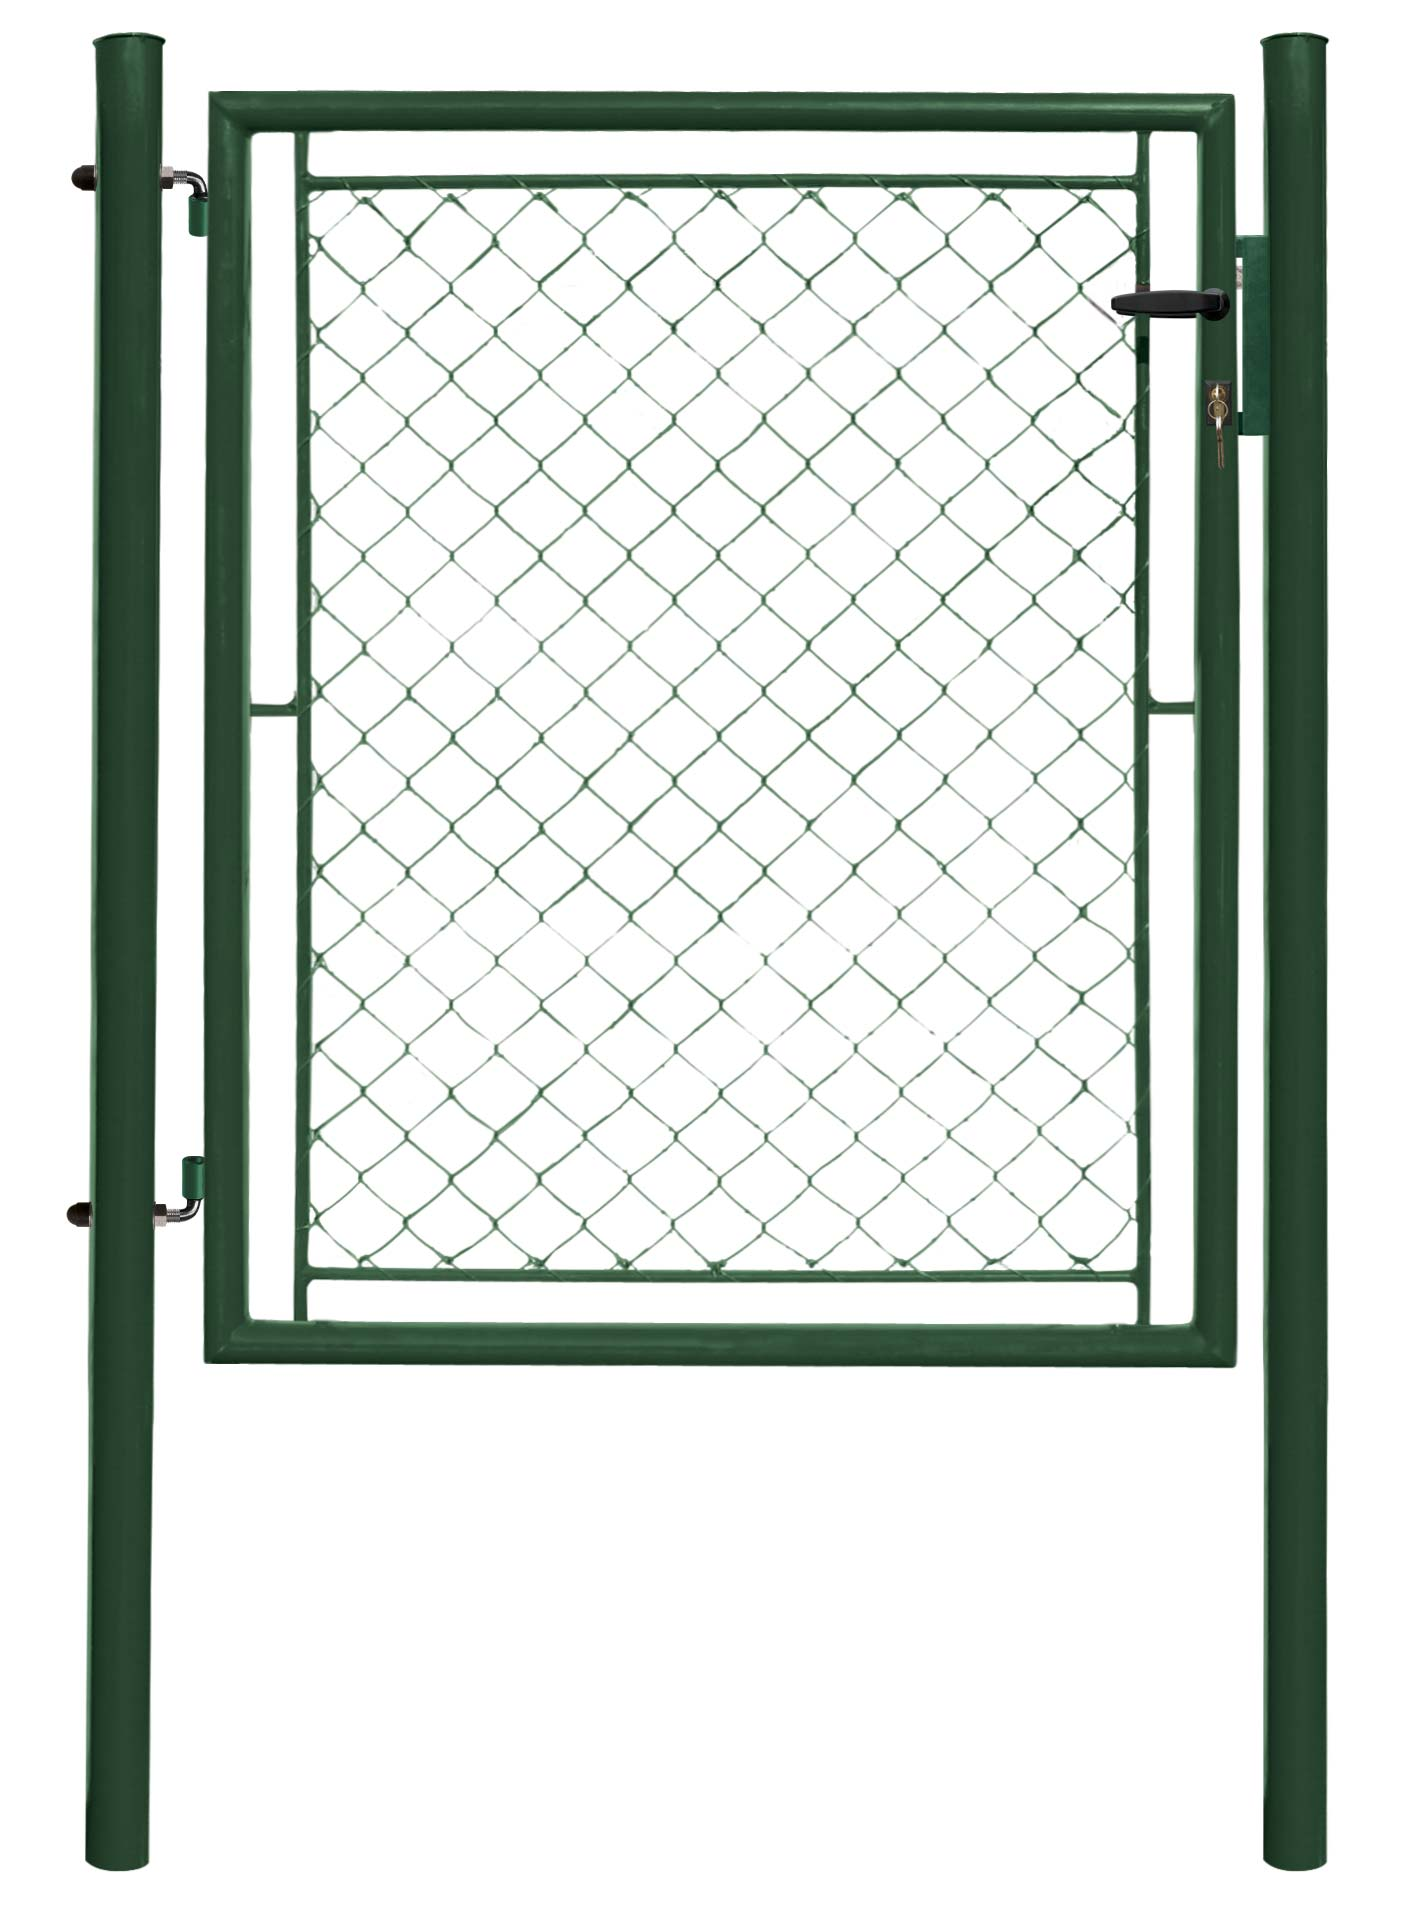 Branka IDEAL jednokřídlá 1085x1450,Zn+PVC, zelená 18,5Kg